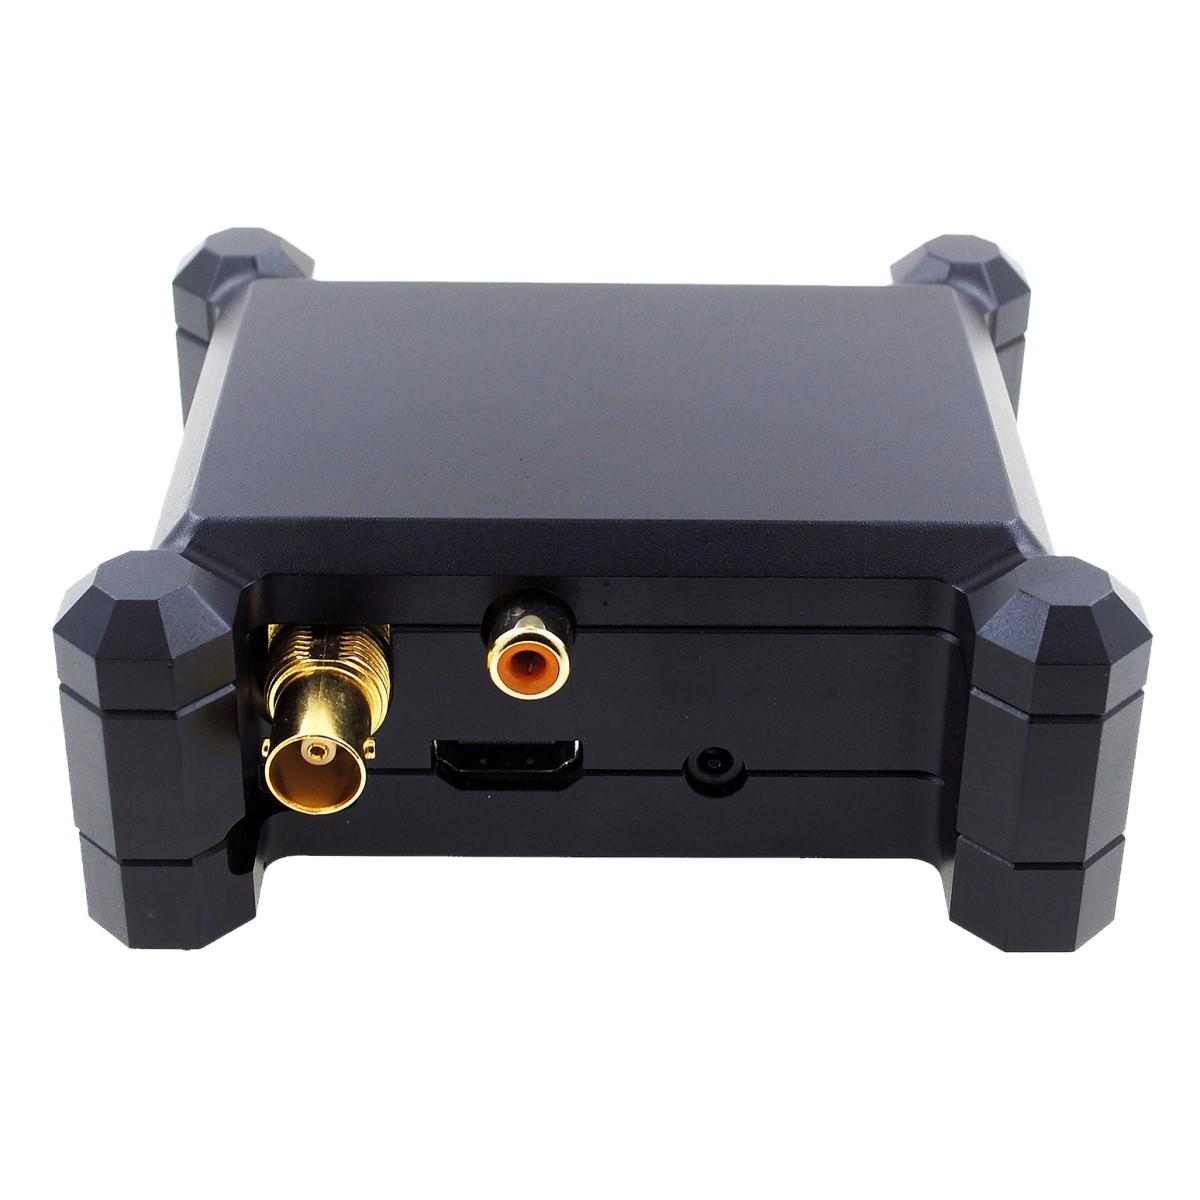 ALLO Aluminum Case for Allo DigiOne Player + Raspberry Pi 3 Black